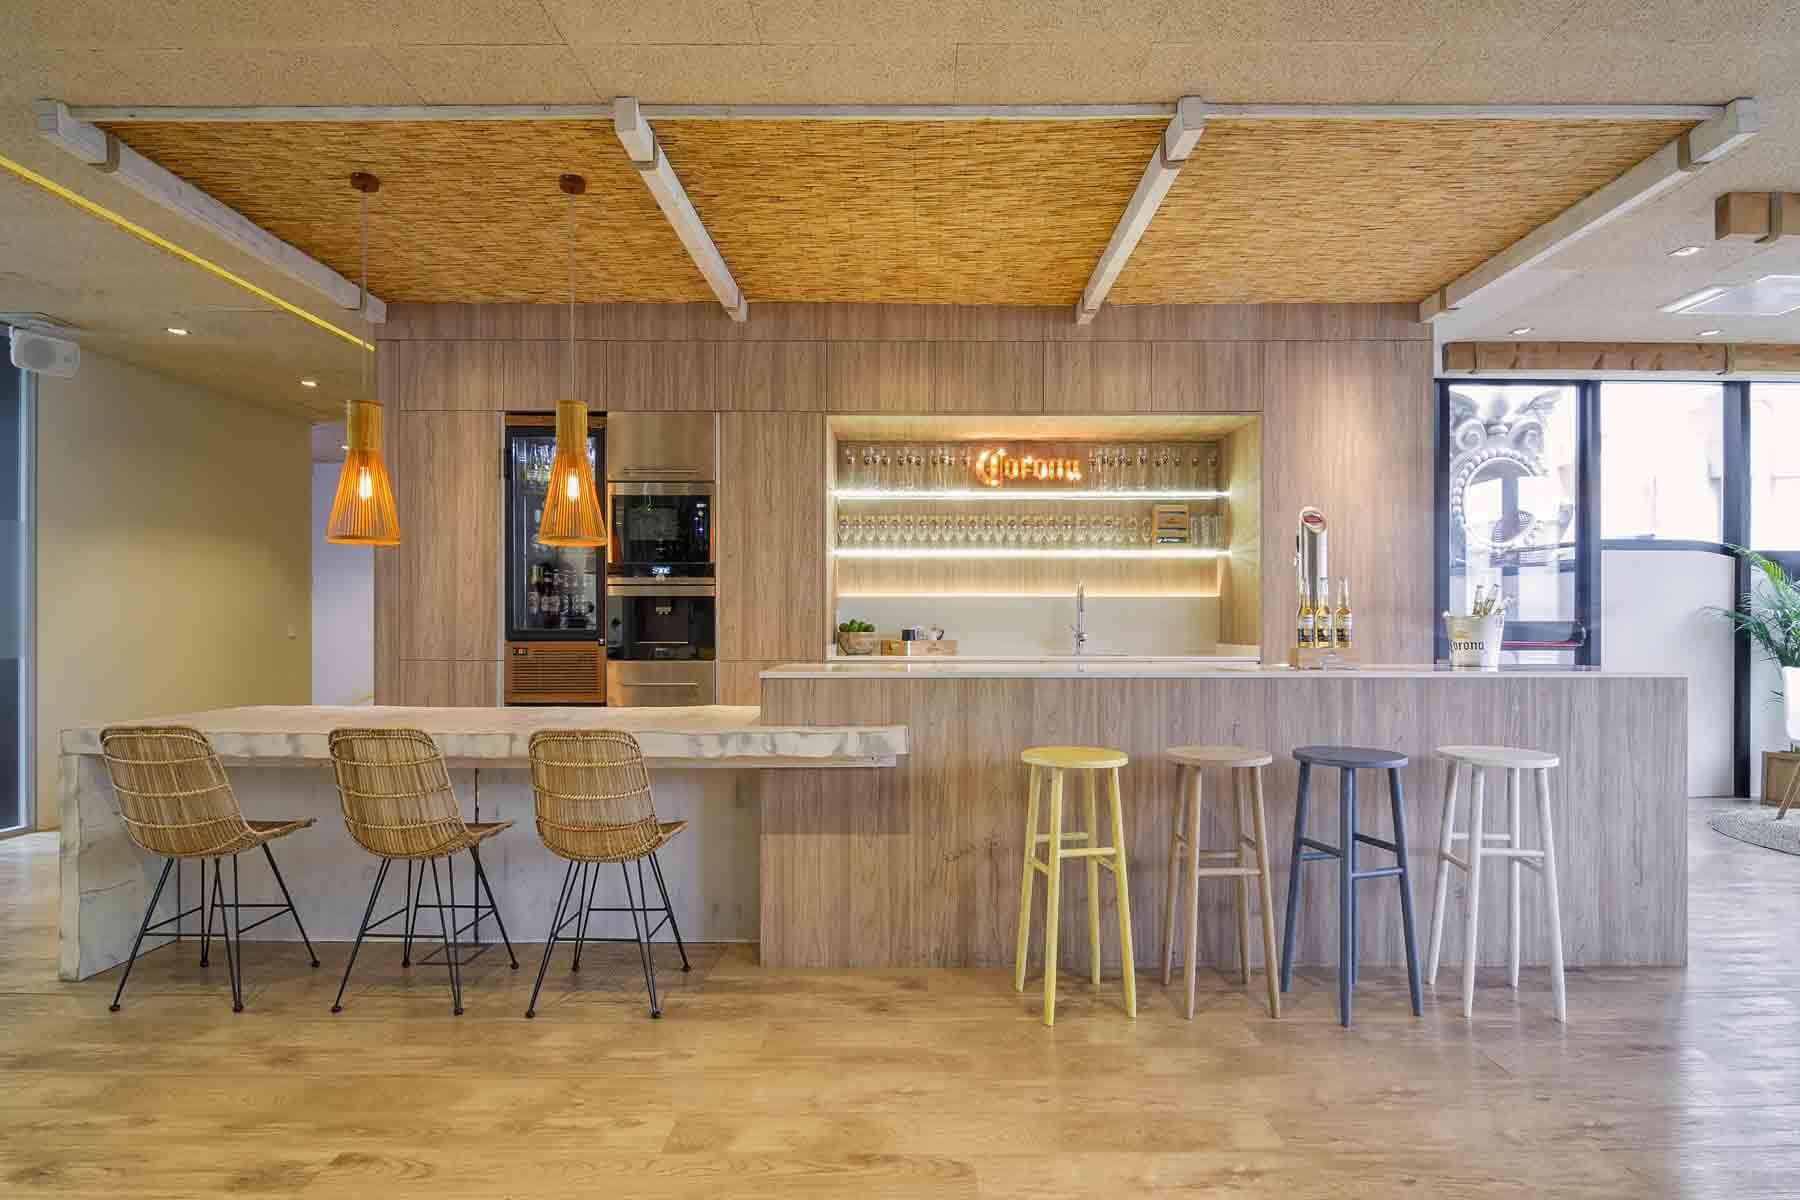 Cocina En estratificado madera con gran isla central a modo de barra - muebles de cocina